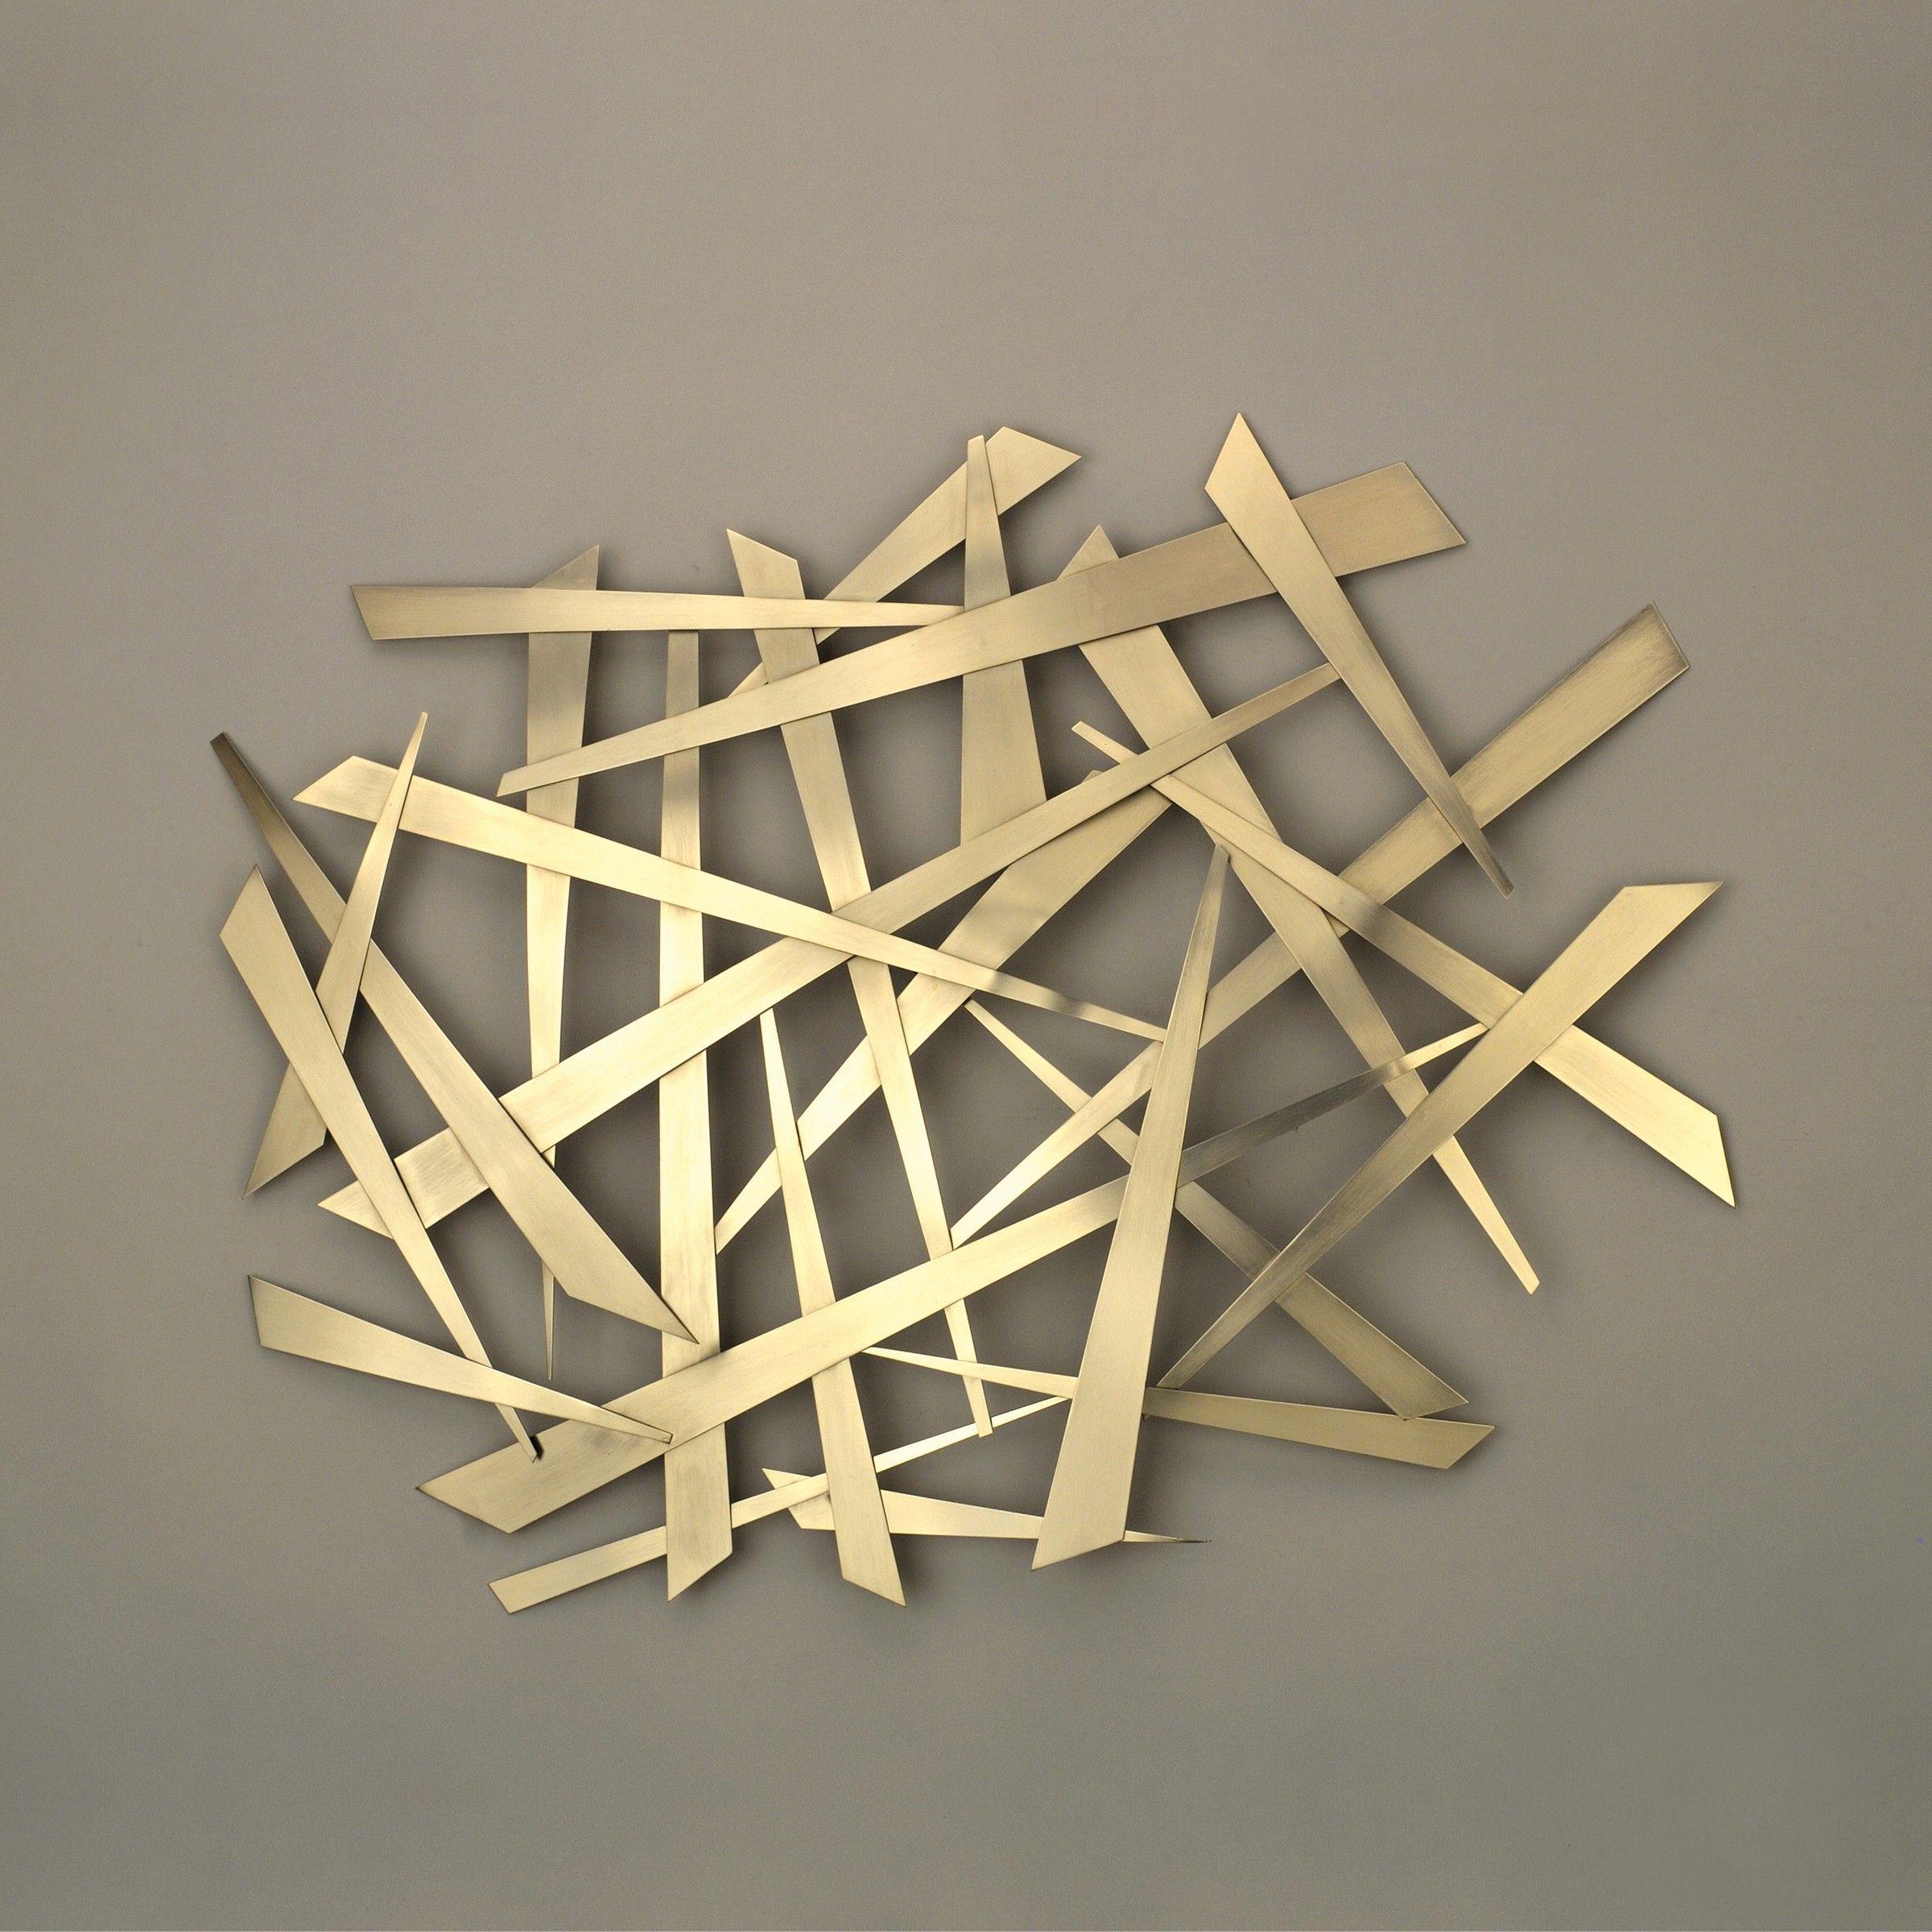 Wall Sculptures Studiolx Criss Cross Art By Nova